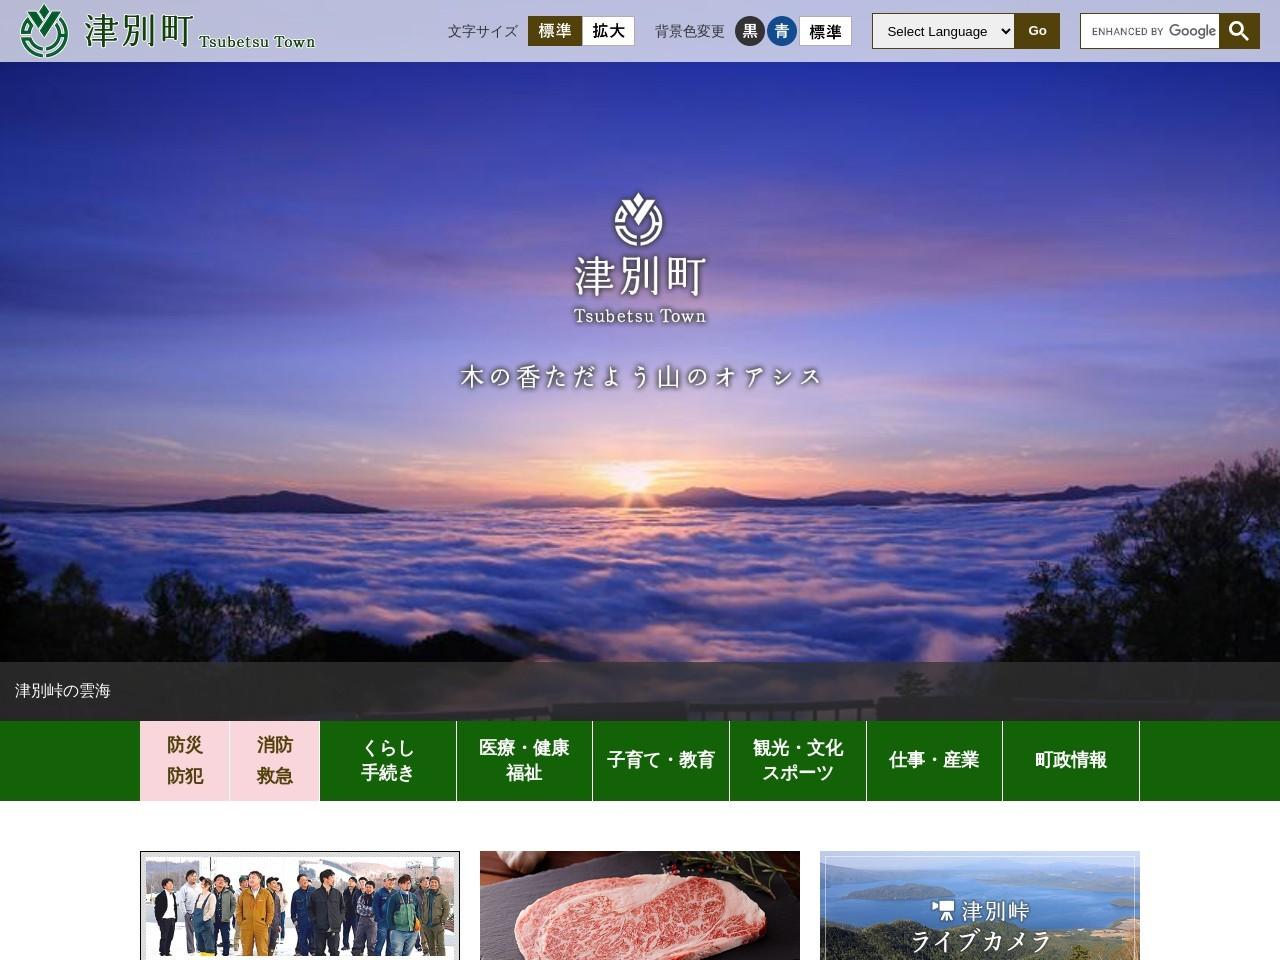 http://www.town.tsubetsu.hokkaido.jp/01news/10oshirase/2018-1127-1712-4.html